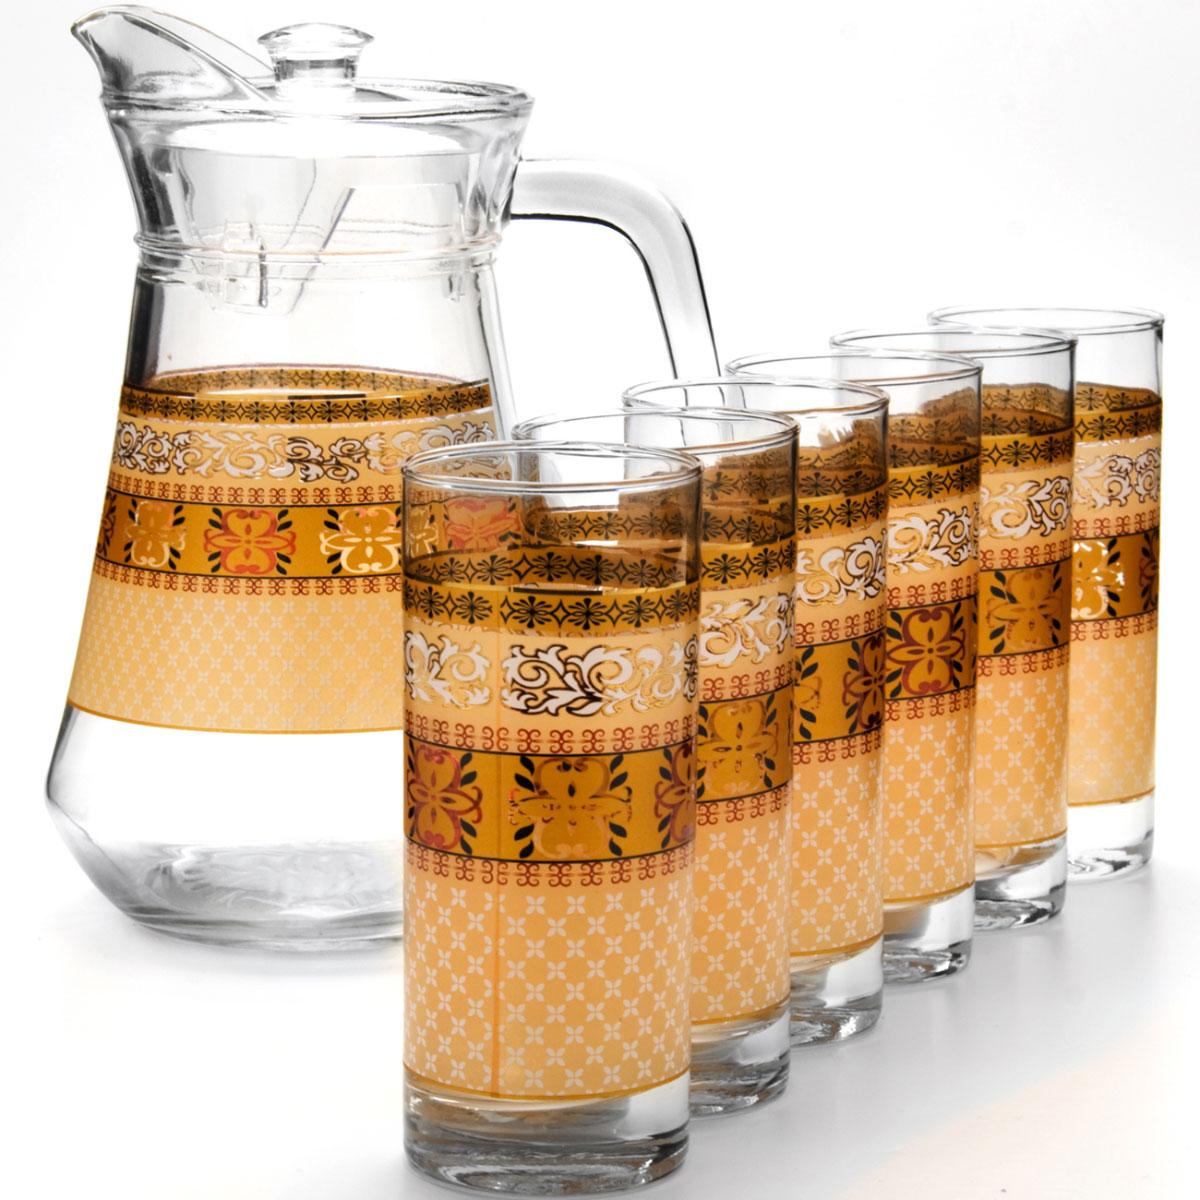 Набор питьевой Loraine, 7 предметов. 2406624066Питьевой набор Loraine внесет яркий акцент в сервировку стола и станет отличным дополнением к набору аксессуаров и принадлежностей для кухни. Его можно использовать для подачи компотов, соков, воды, лимонада.Посуда выполнена из высококачественного стекла и декорирована оригинальным цветочным рисунком.В набор входят кувшин с крышкой и 6 стаканов.Объем кувшина: 1300 мл. Объем стакана: 285 мл.